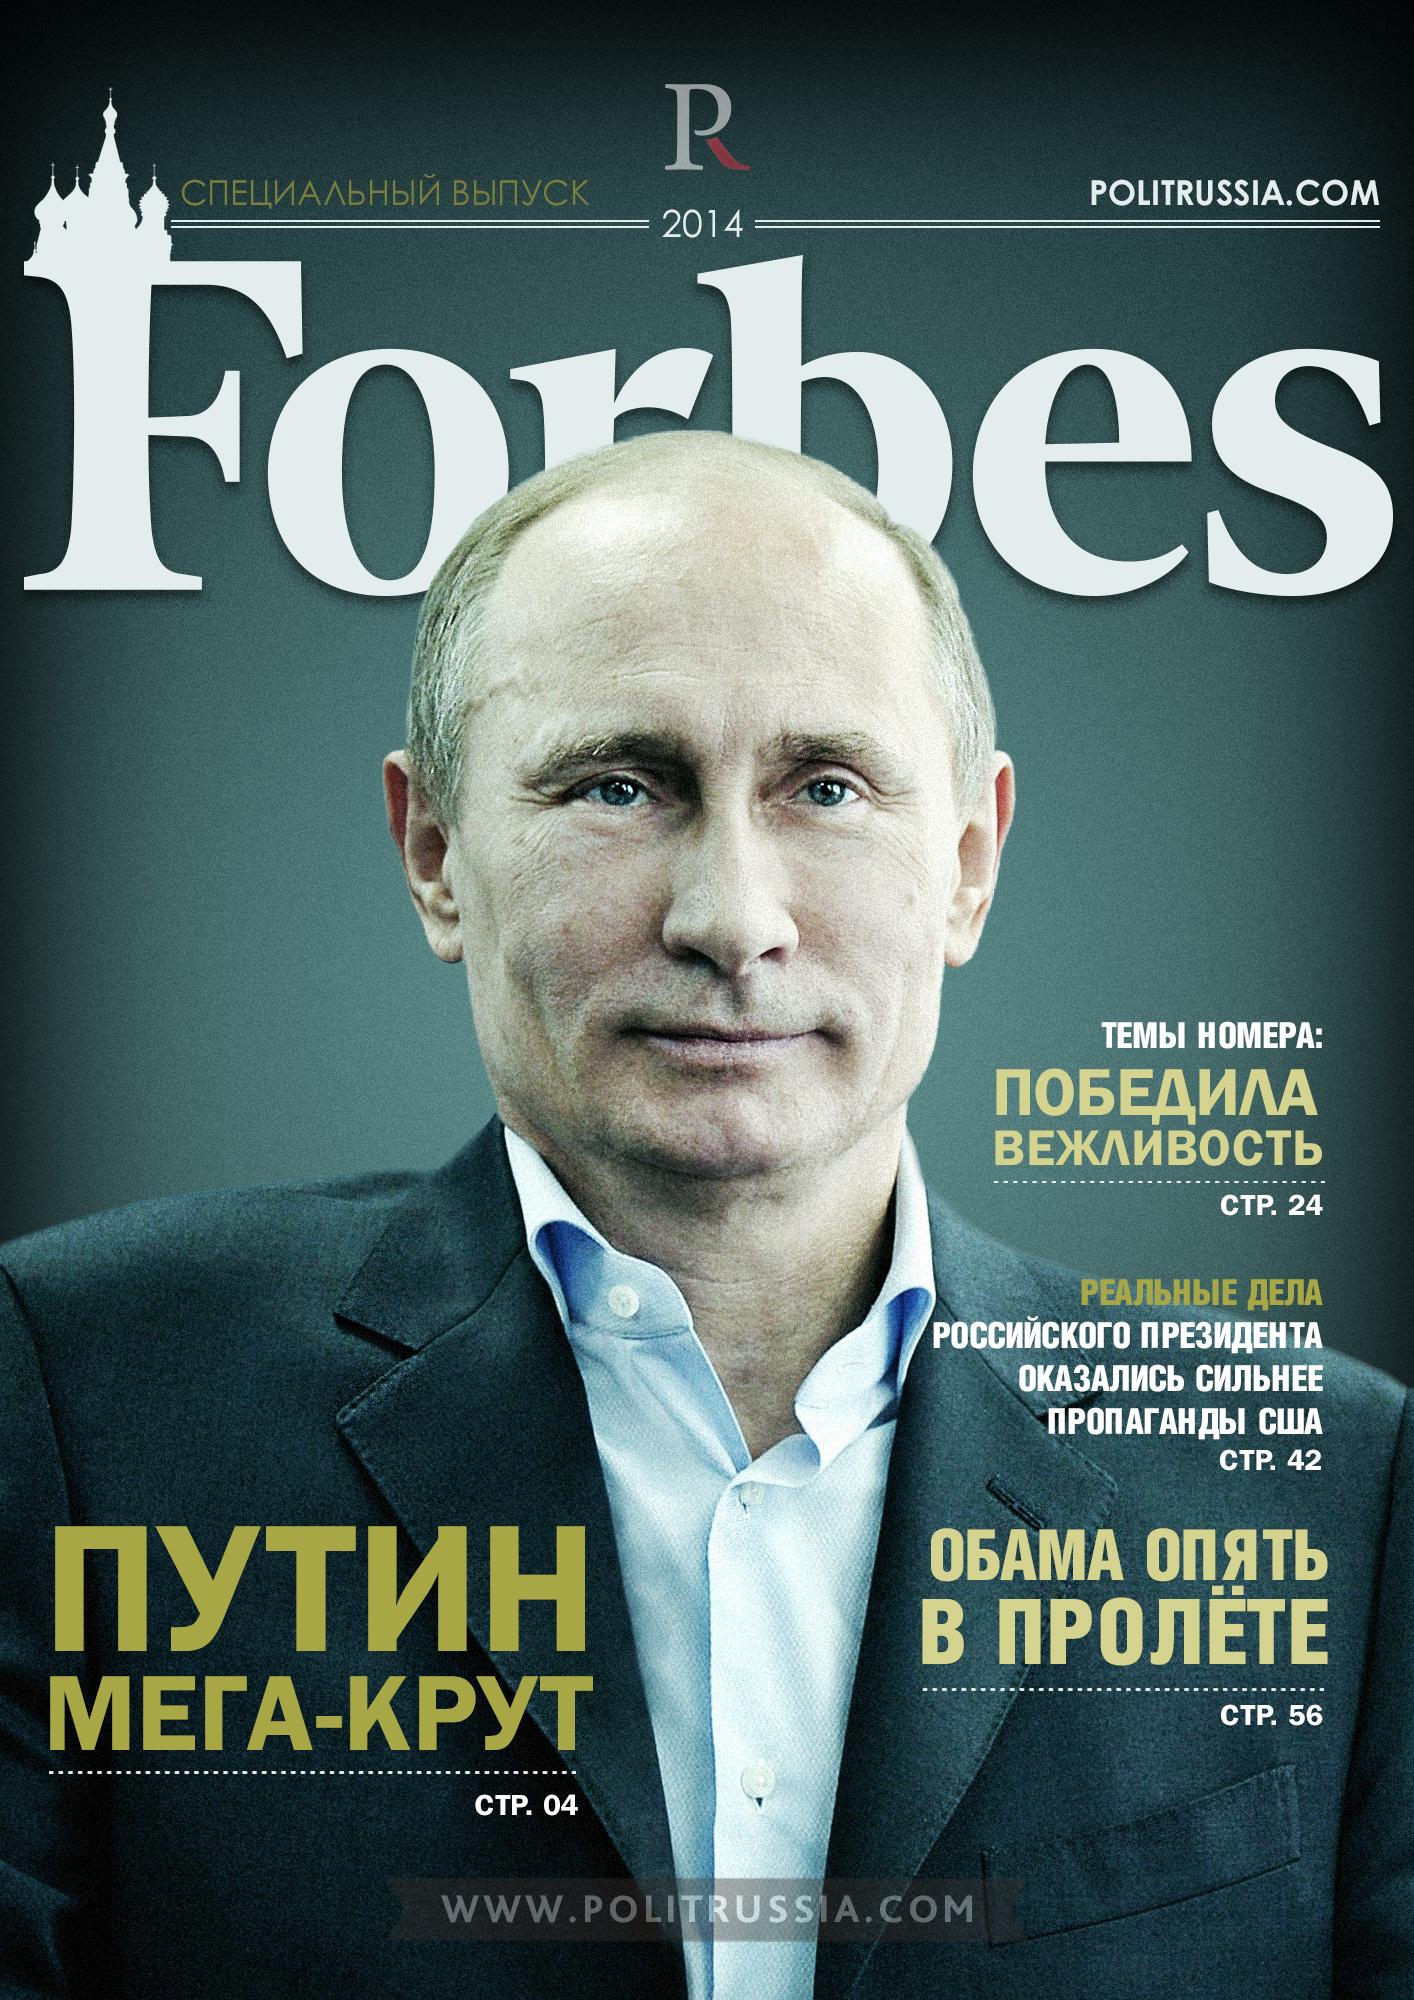 журнал форбс спб